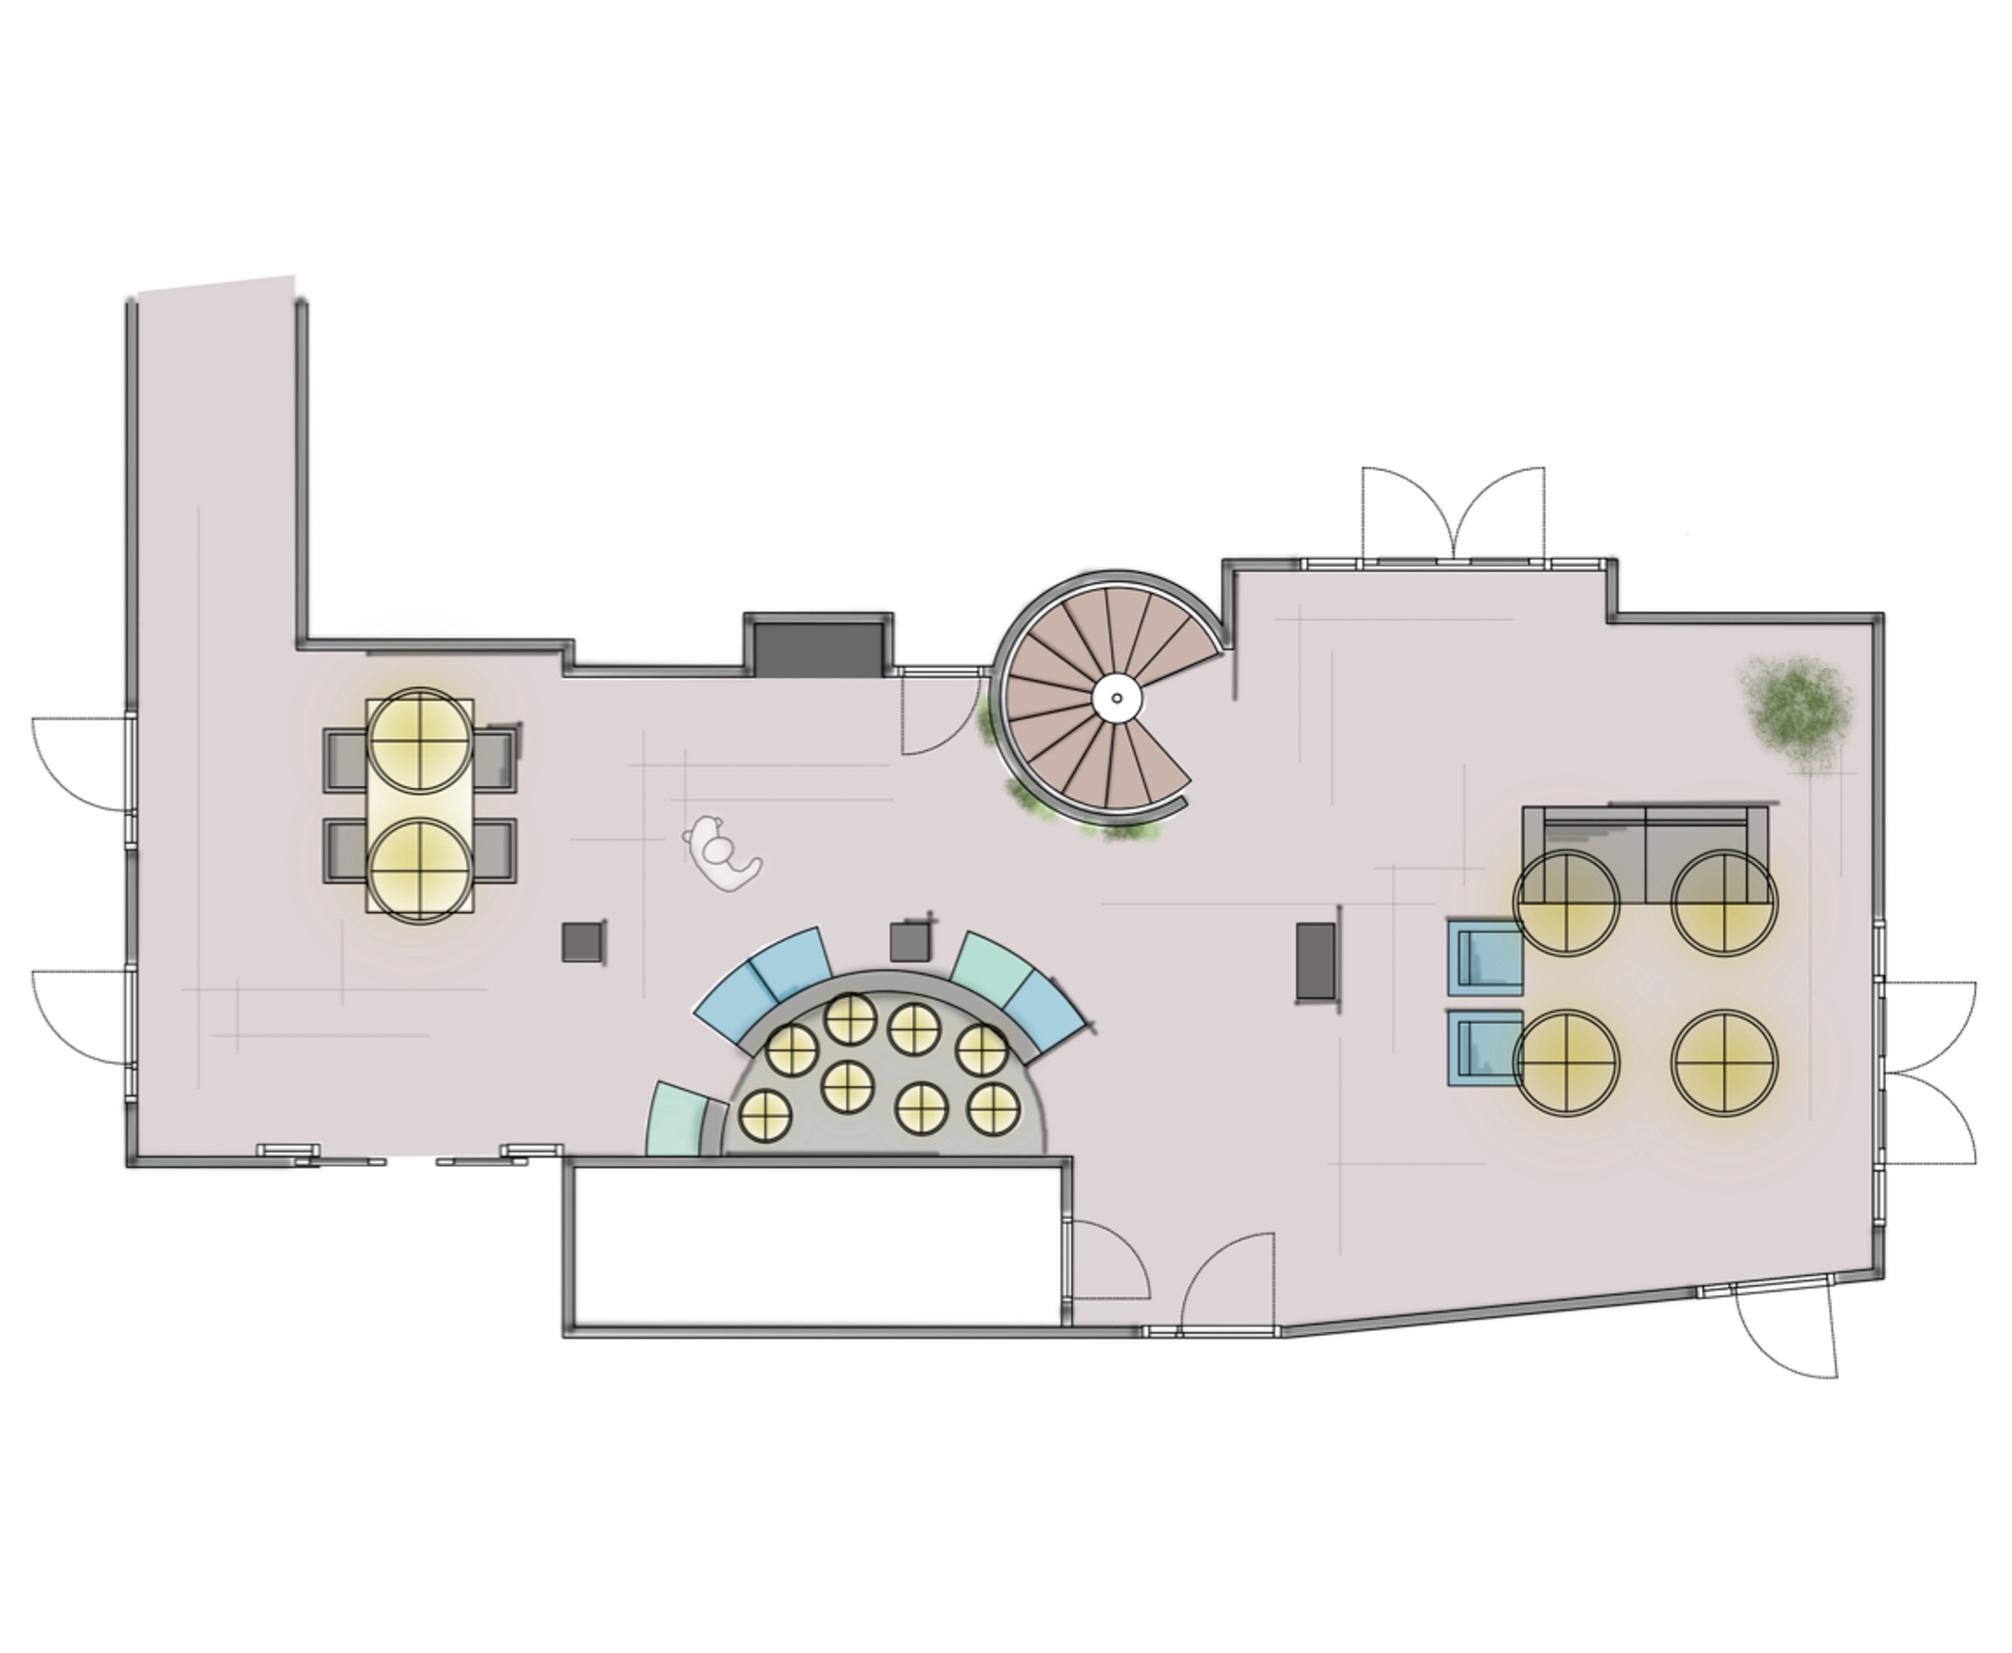 Een goed concept voor vastgoed concept ned interieurvormgeving - Eigentijdse entreehal ...